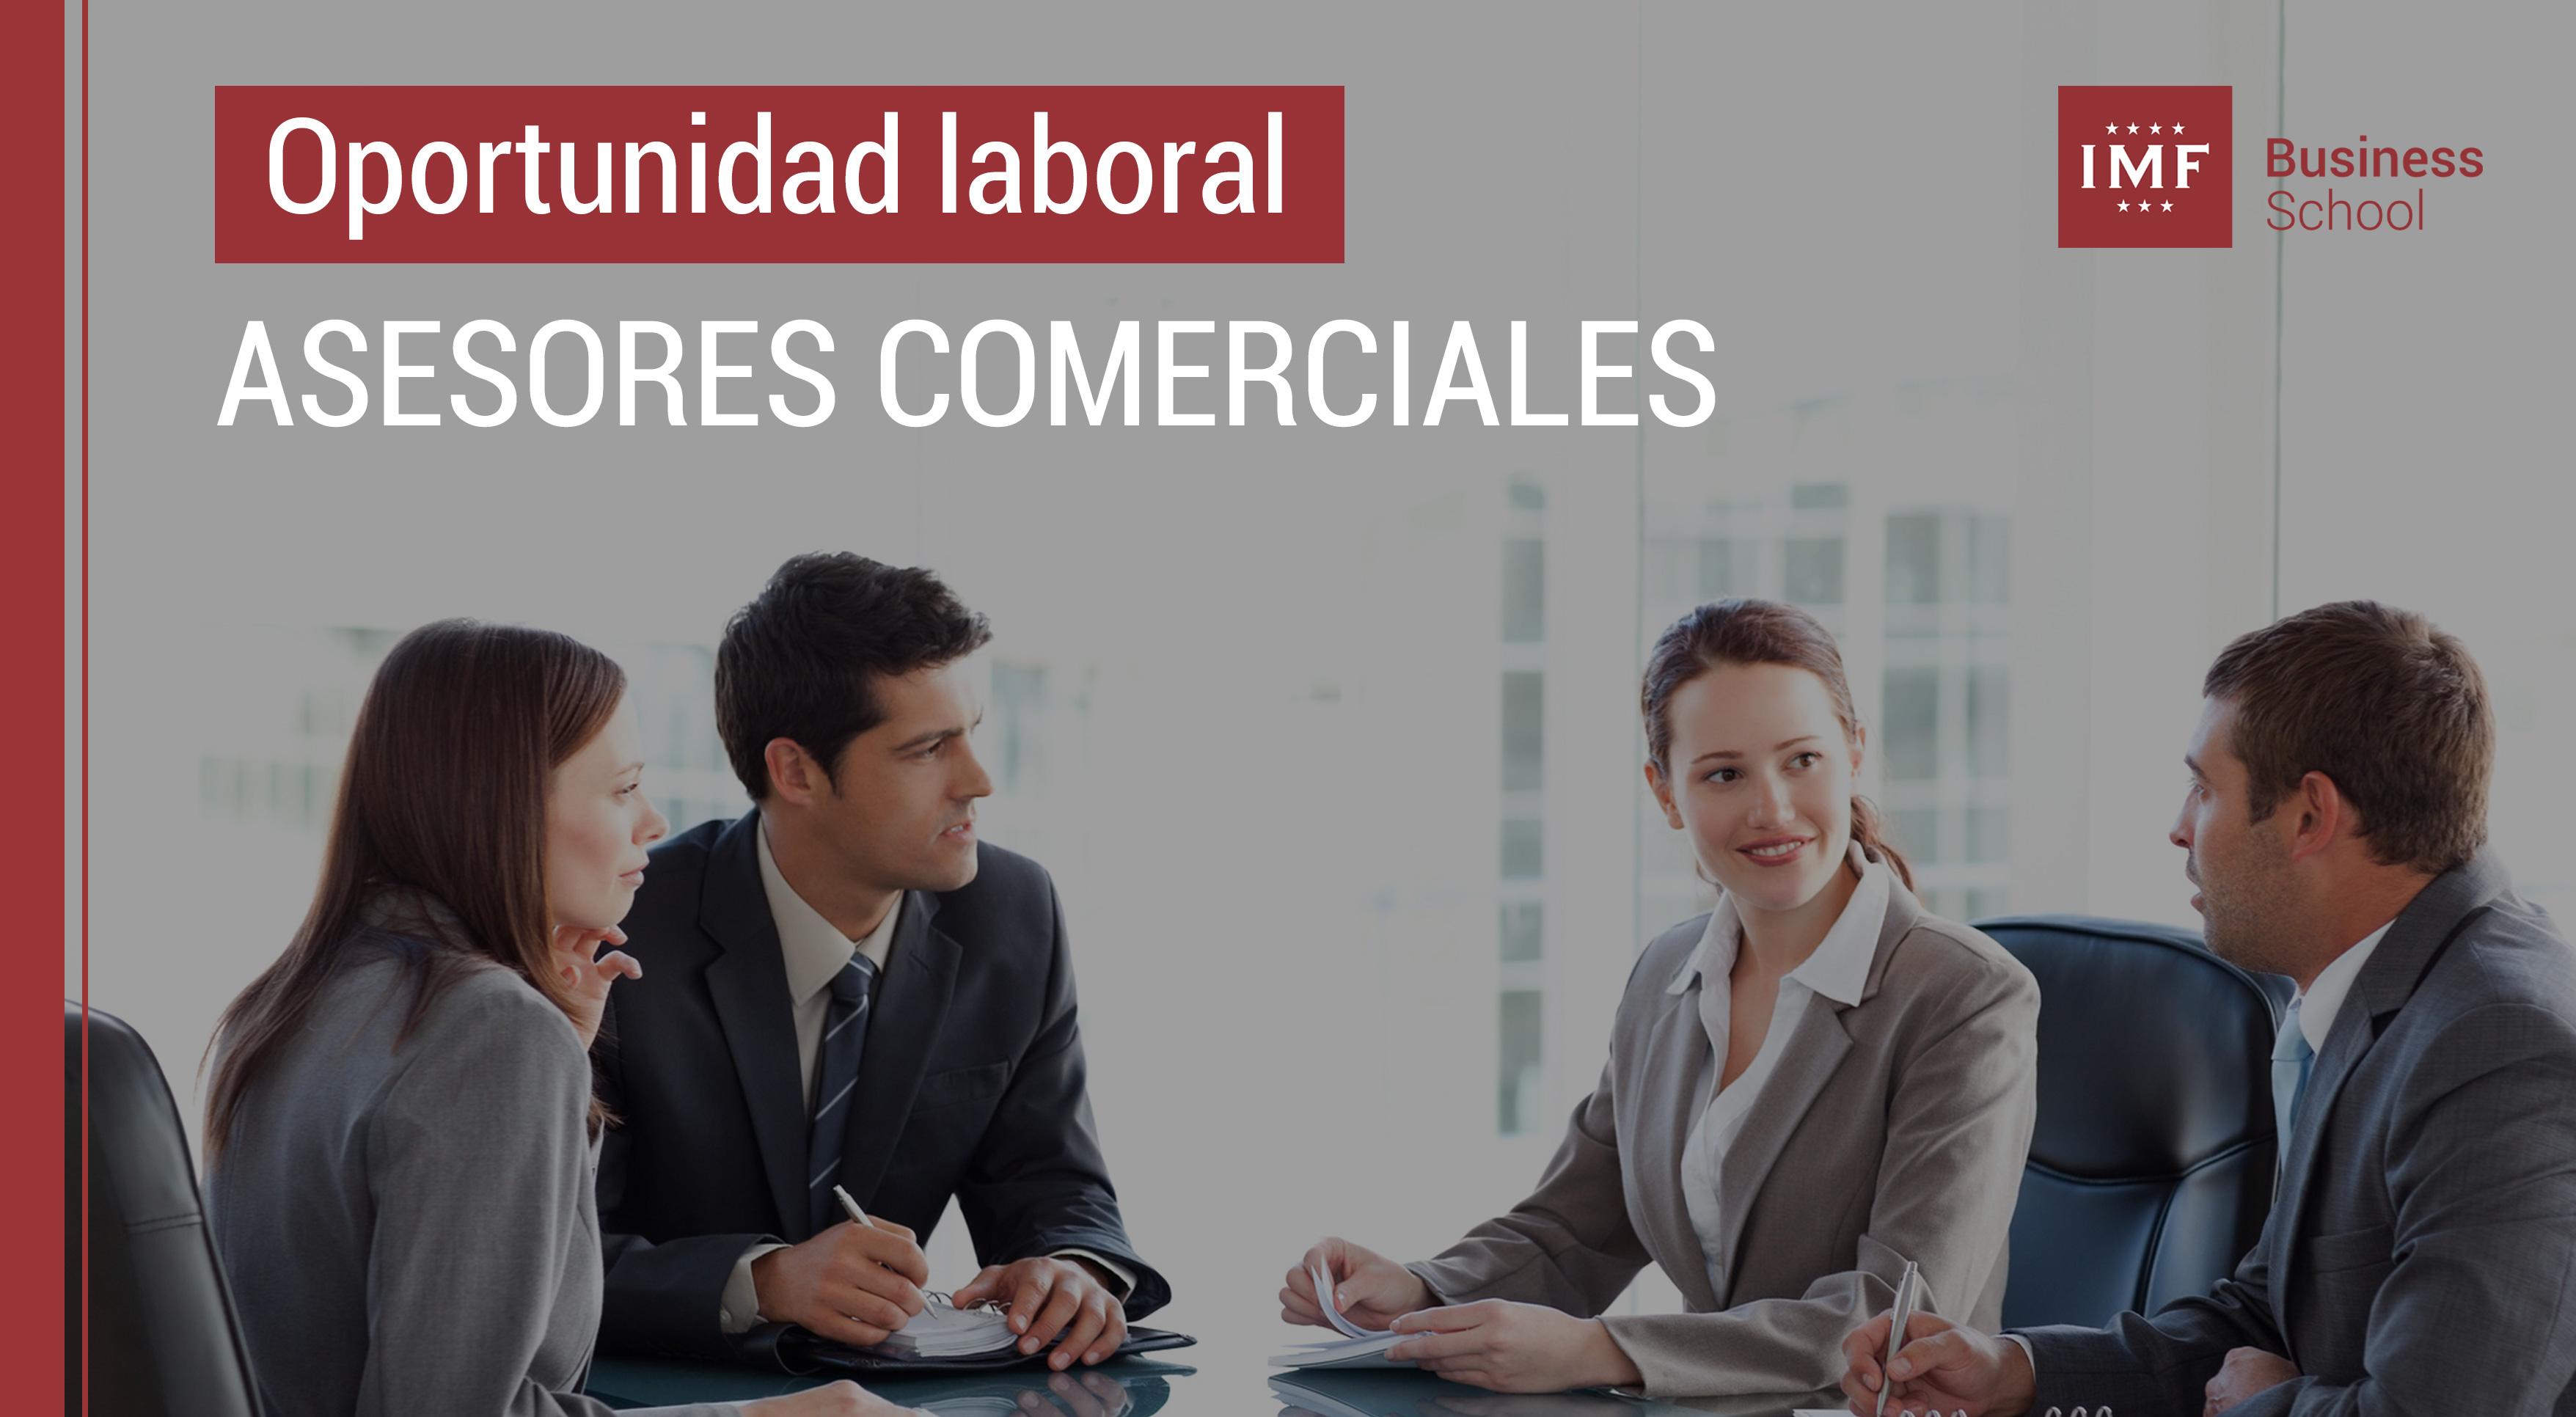 oportunidad-laboral-asesores-comerciales Oferta de empleo: ¡Se buscan asesores comerciales!